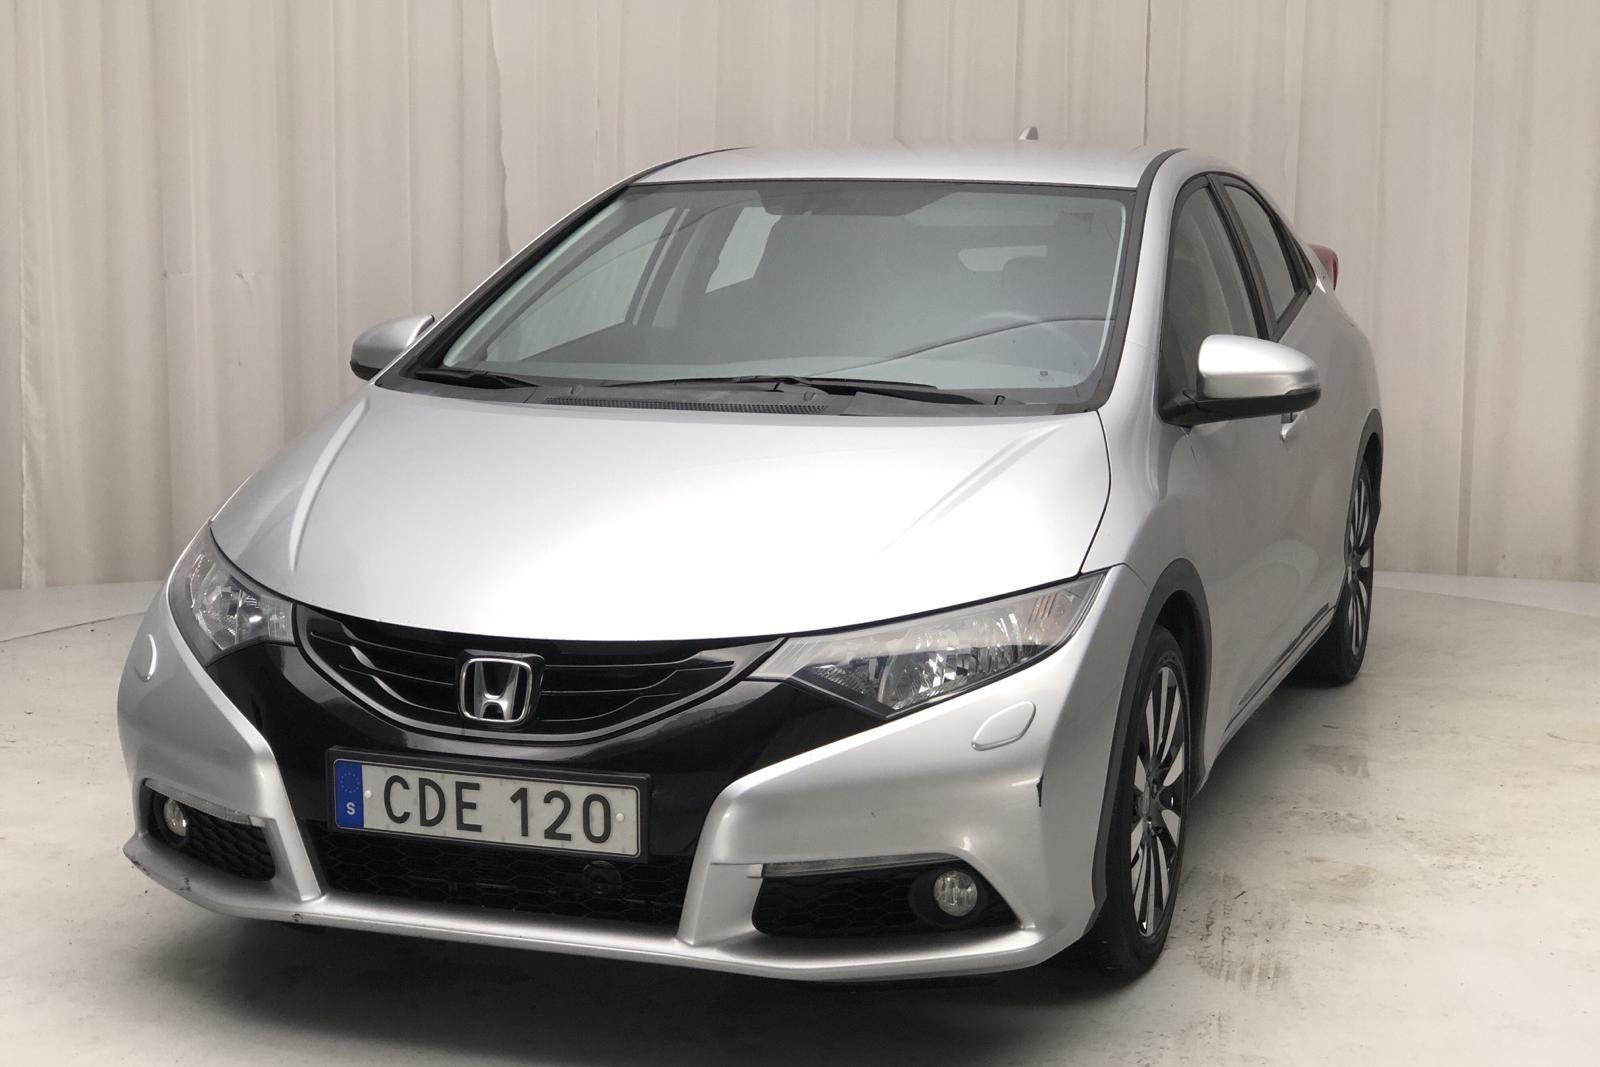 Honda Civic 1.6 i-DTEC 5dr (120hk)